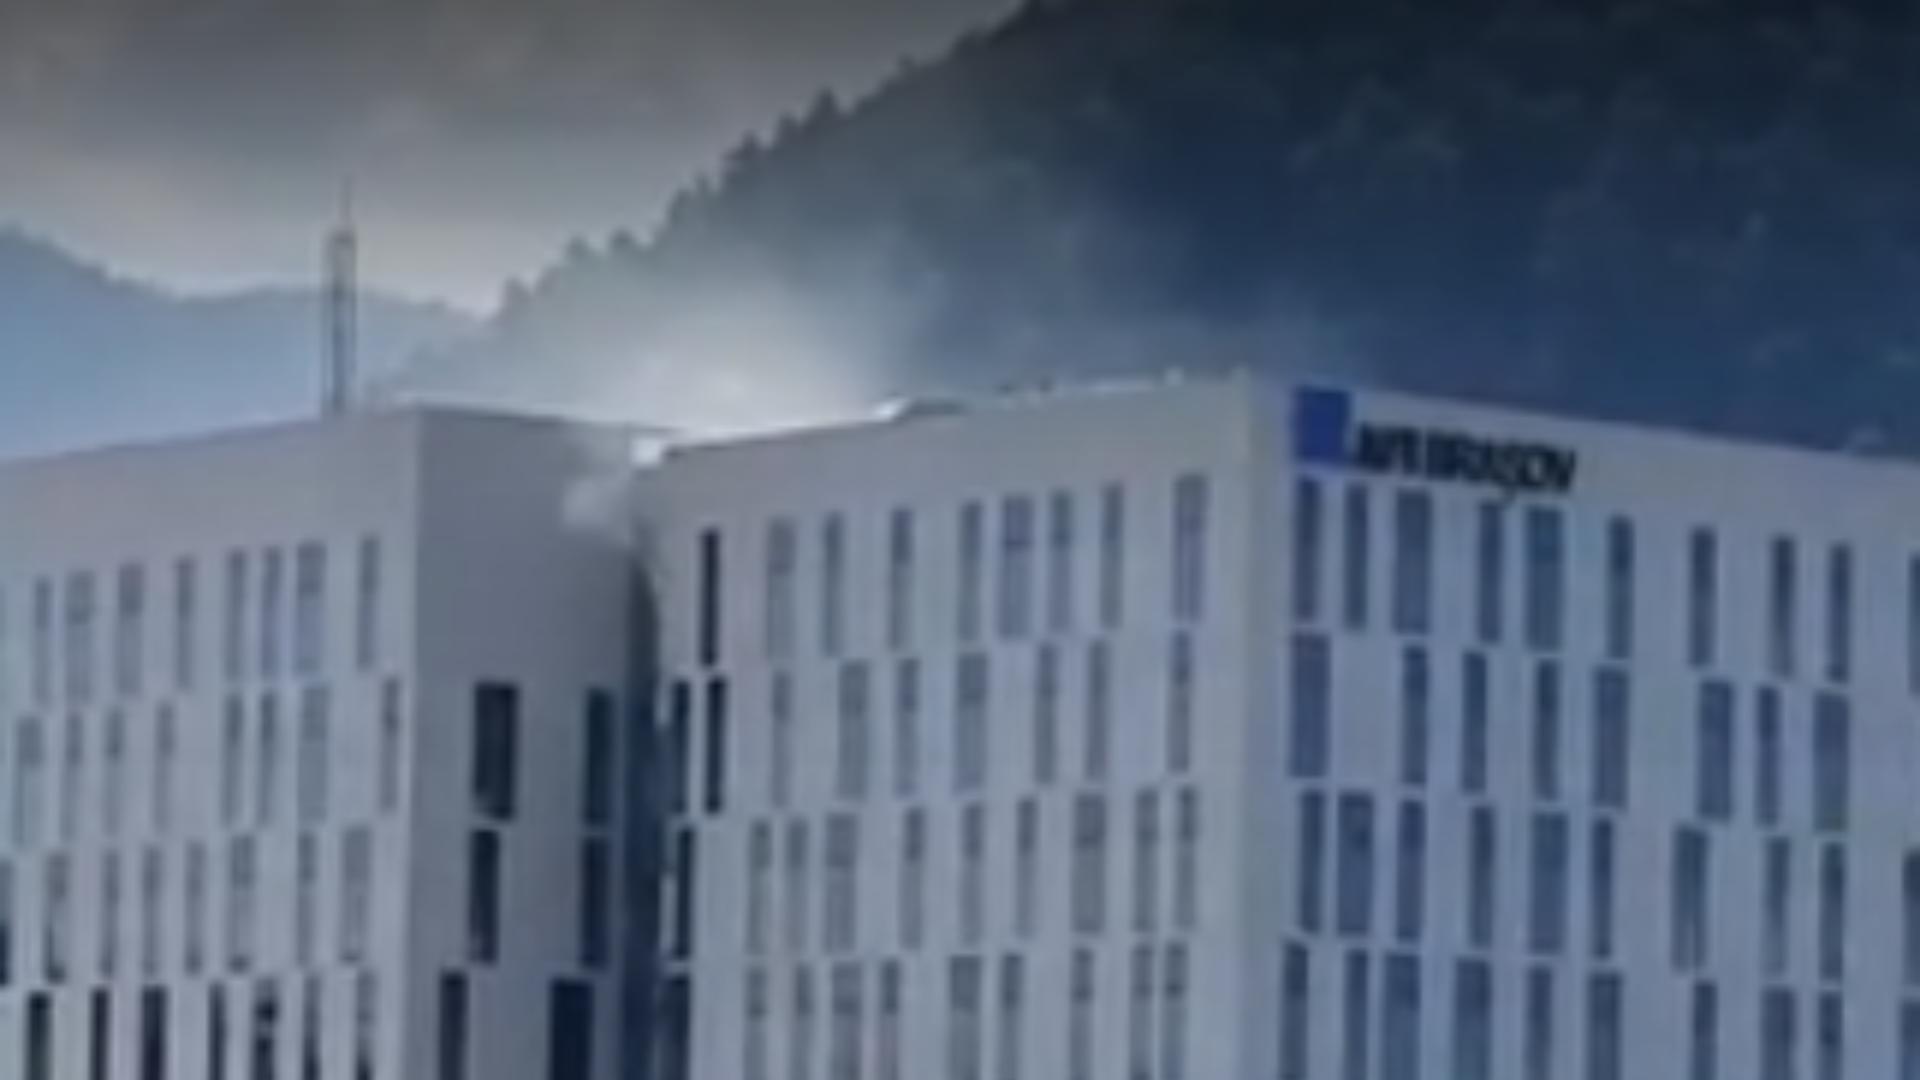 Incendiu clădire de birouri din Brașov / Captură video